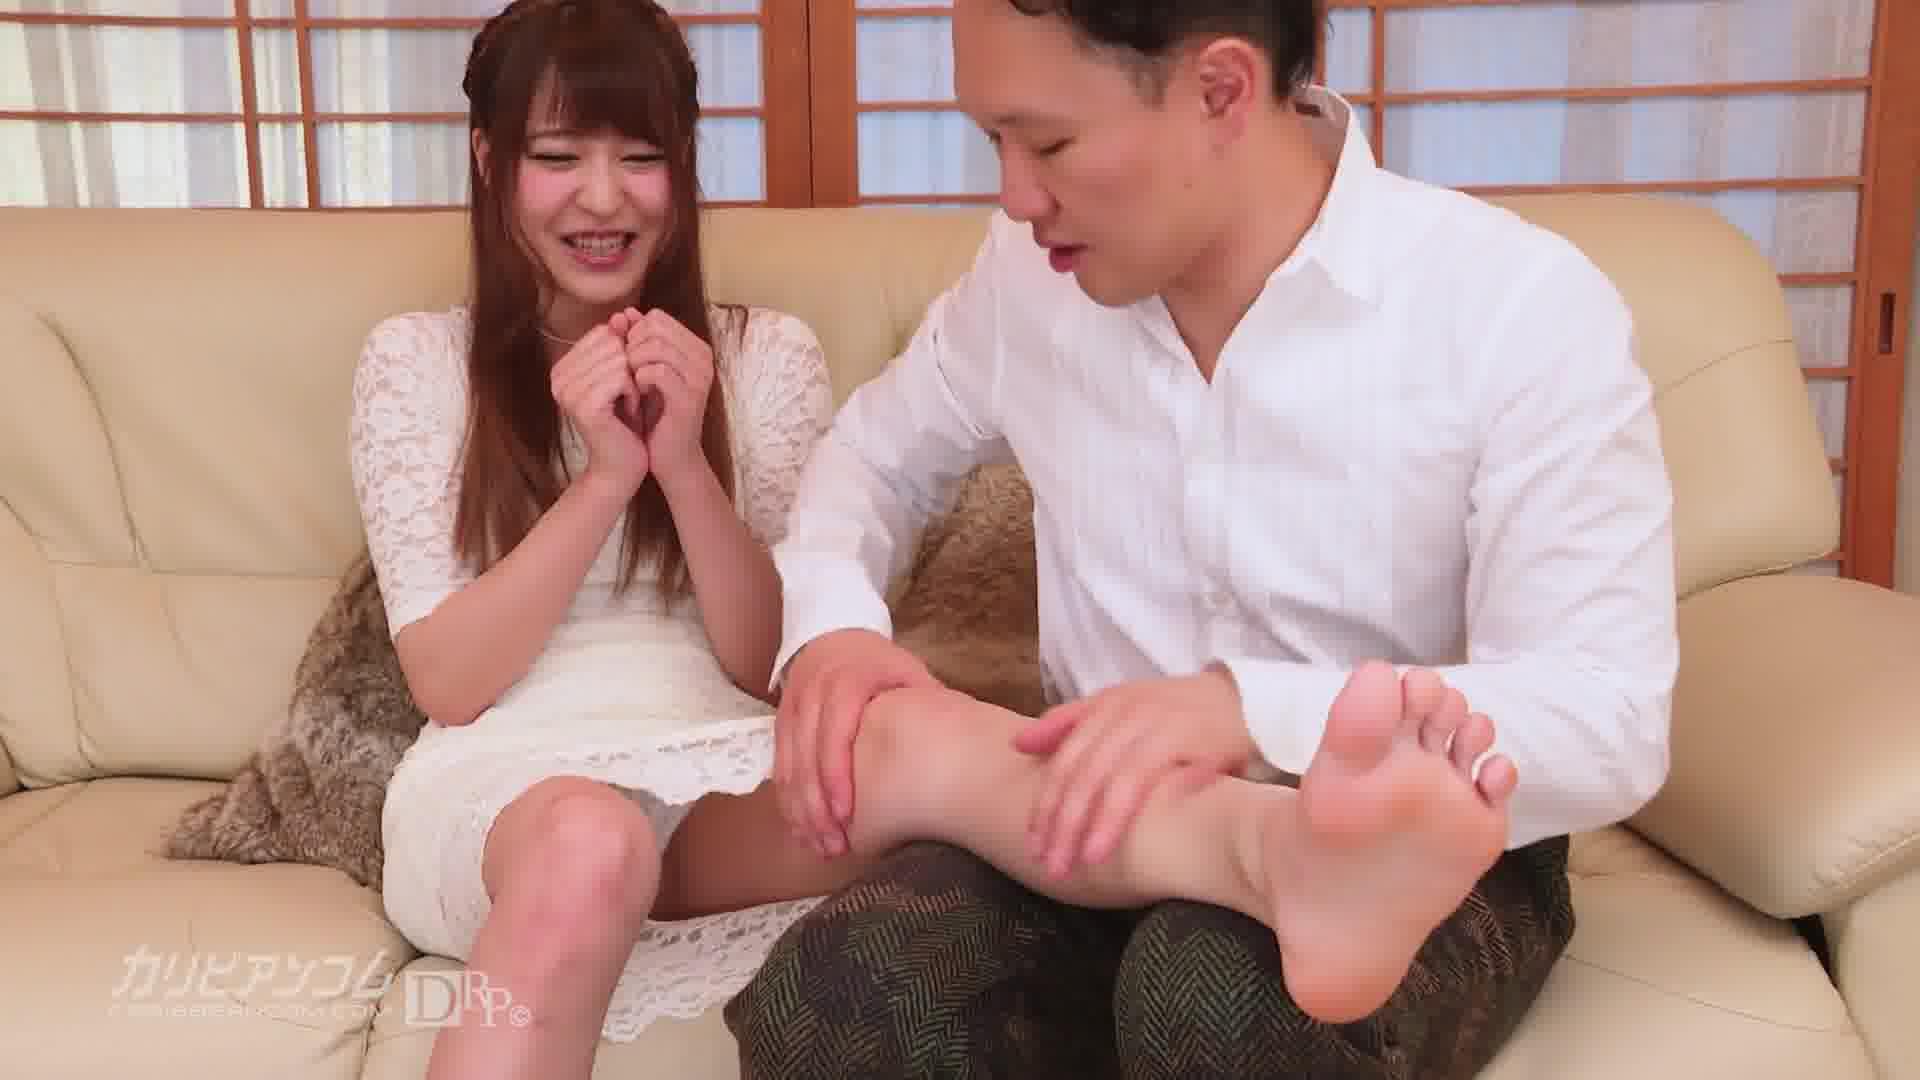 荻野舞の家で撮影しちゃおう - 荻野舞【巨乳・オナニー・中出し】